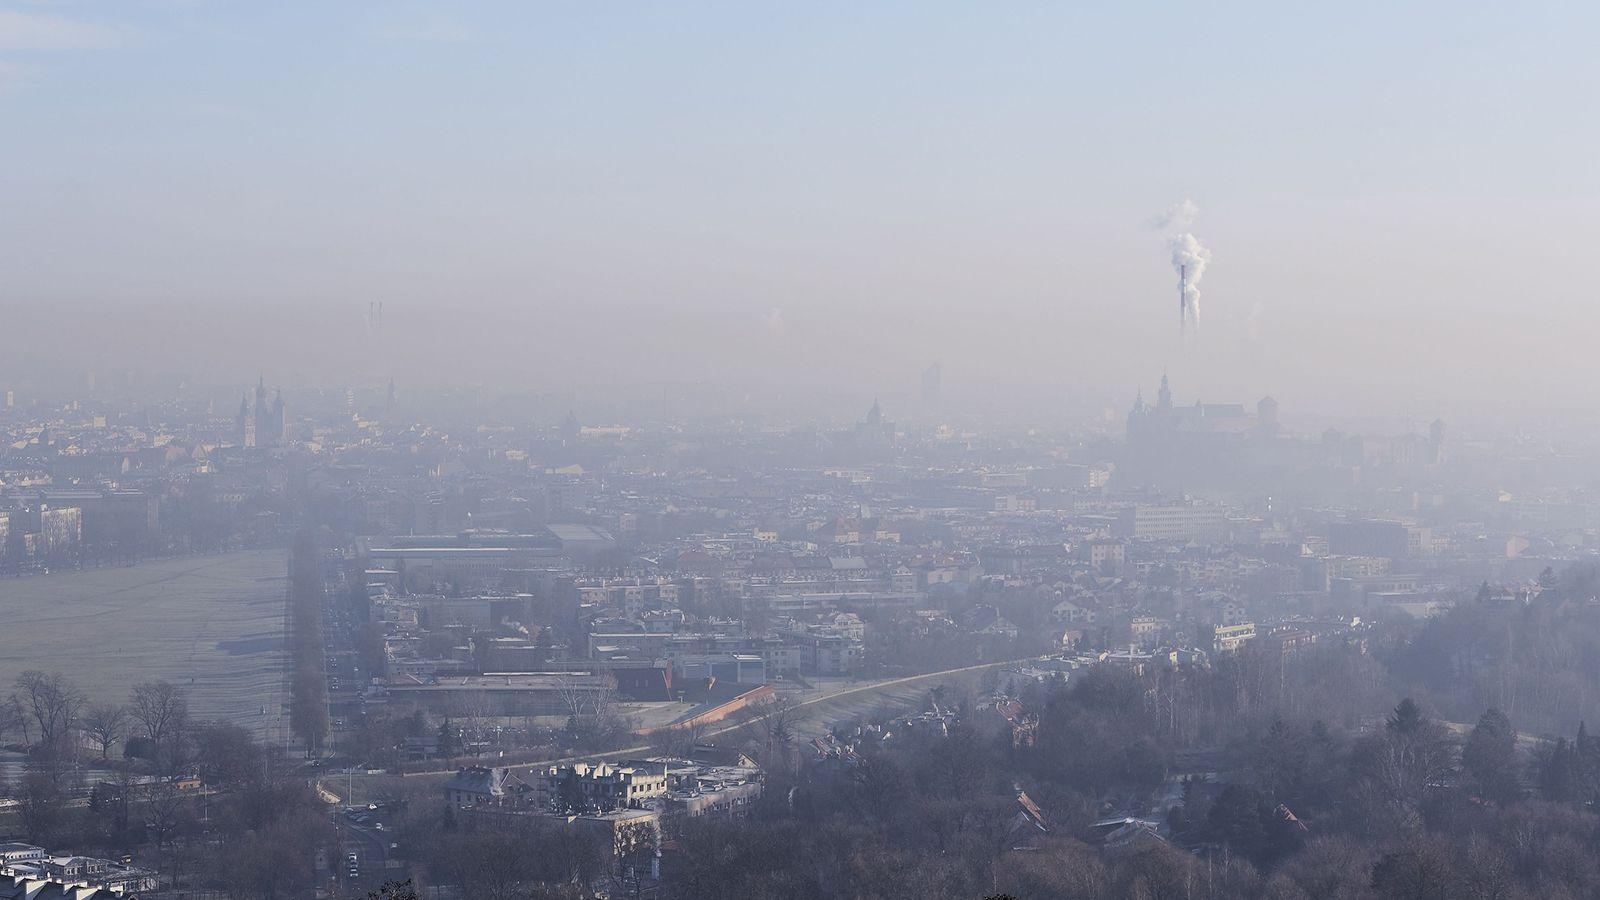 Por qué la atmósfera sigue aumentando CO2 si todos estamos encerrados haciendo pan casero